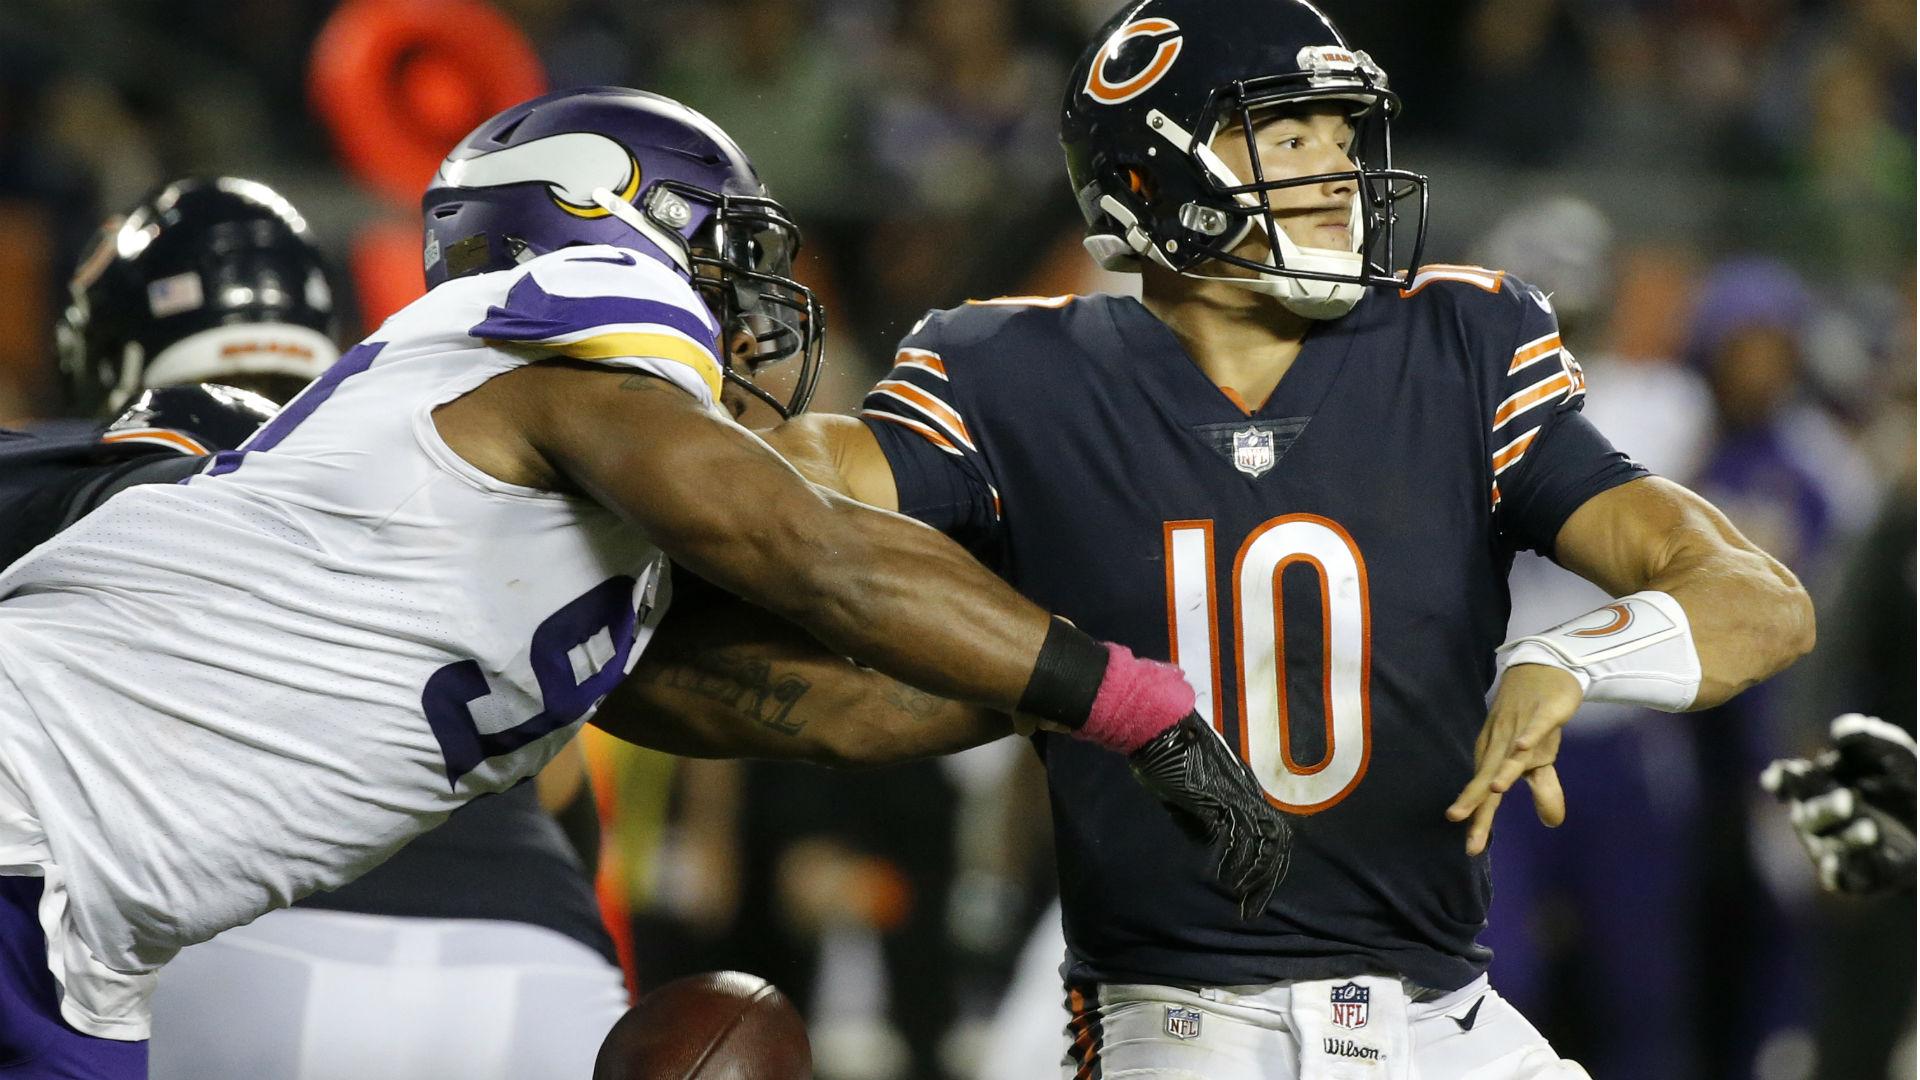 Week 11 NFL picks against spread: Vikings nip Bears; Saints stomp Eagles